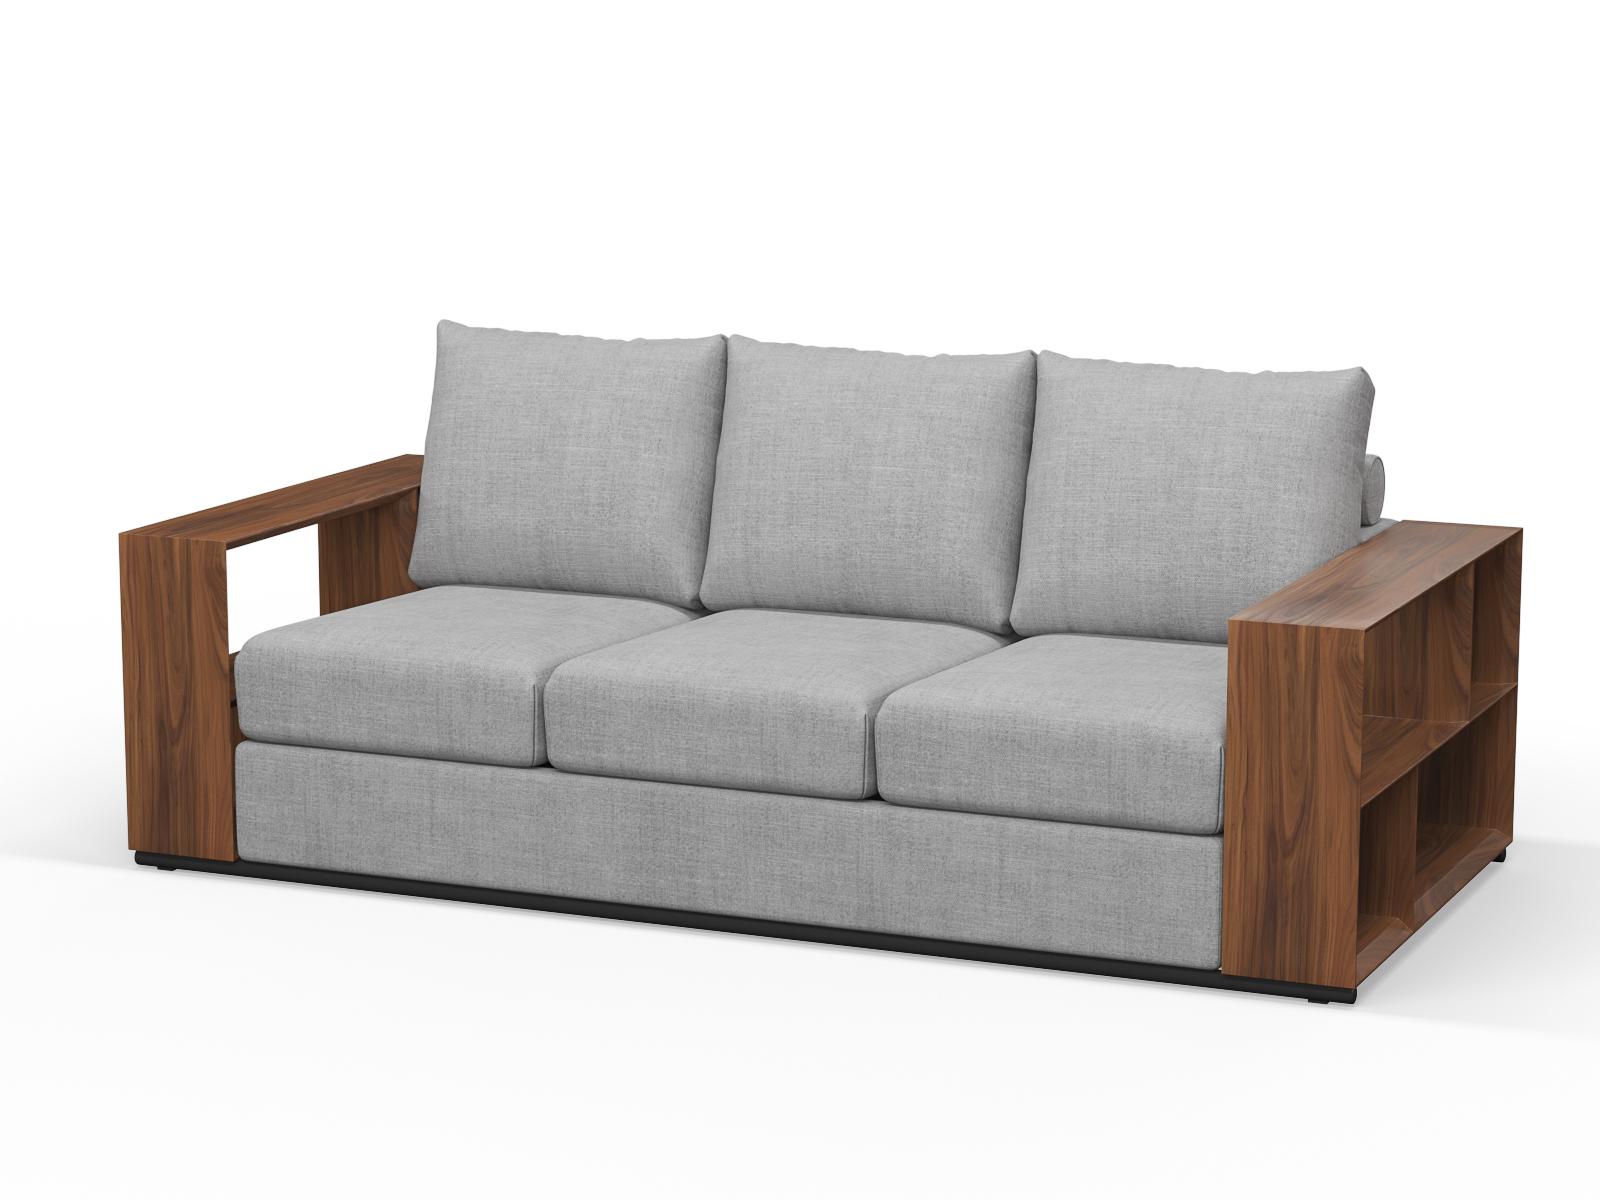 220cm x 100cm LTA RTA Walnut Timber